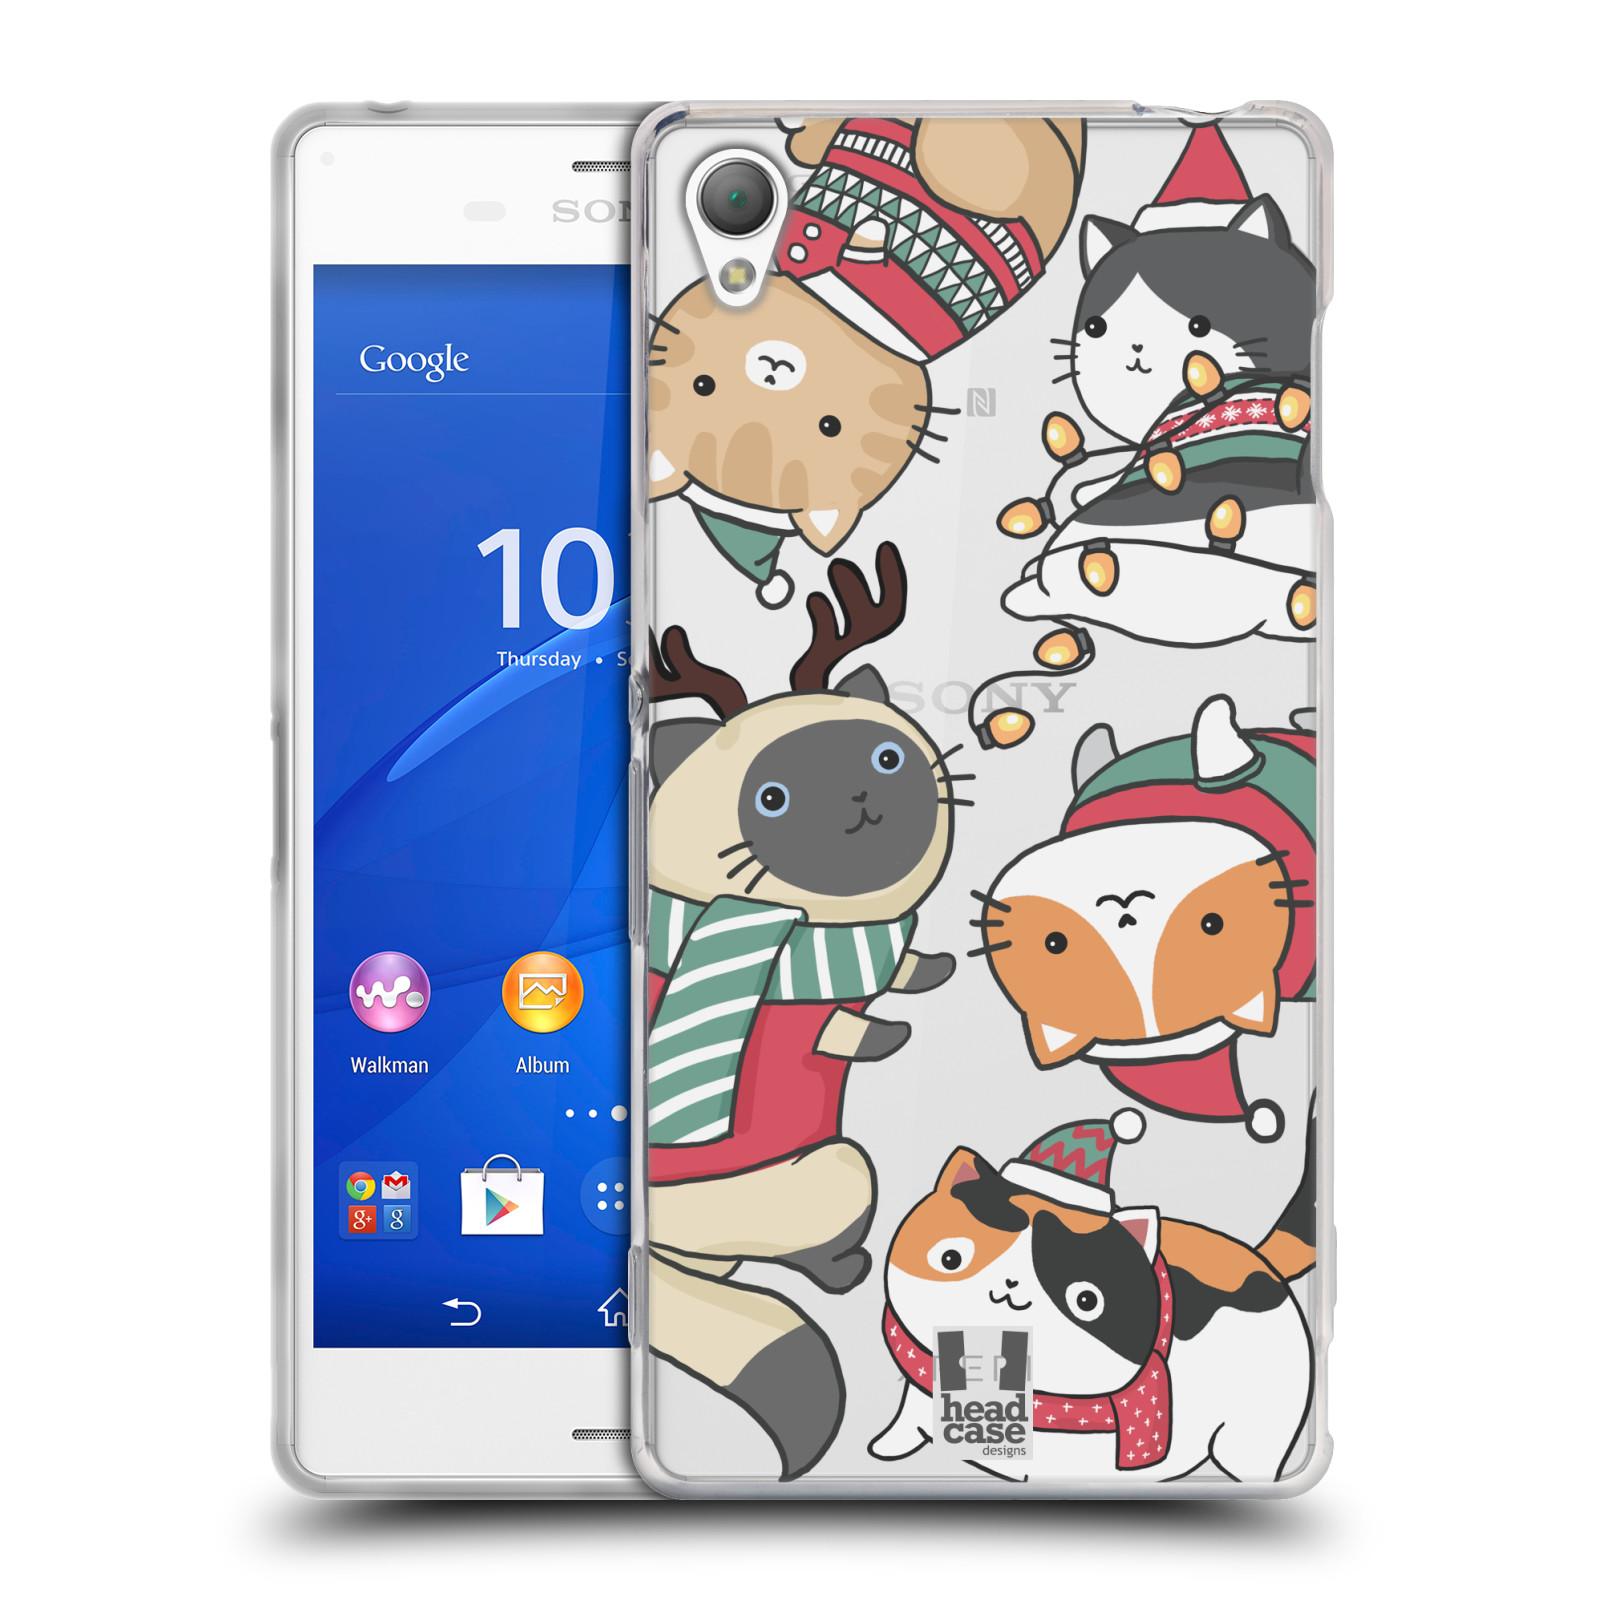 Silikonové pouzdro na mobil Sony Xperia Z3 D6603 - Head Case - Vánoční kočičky